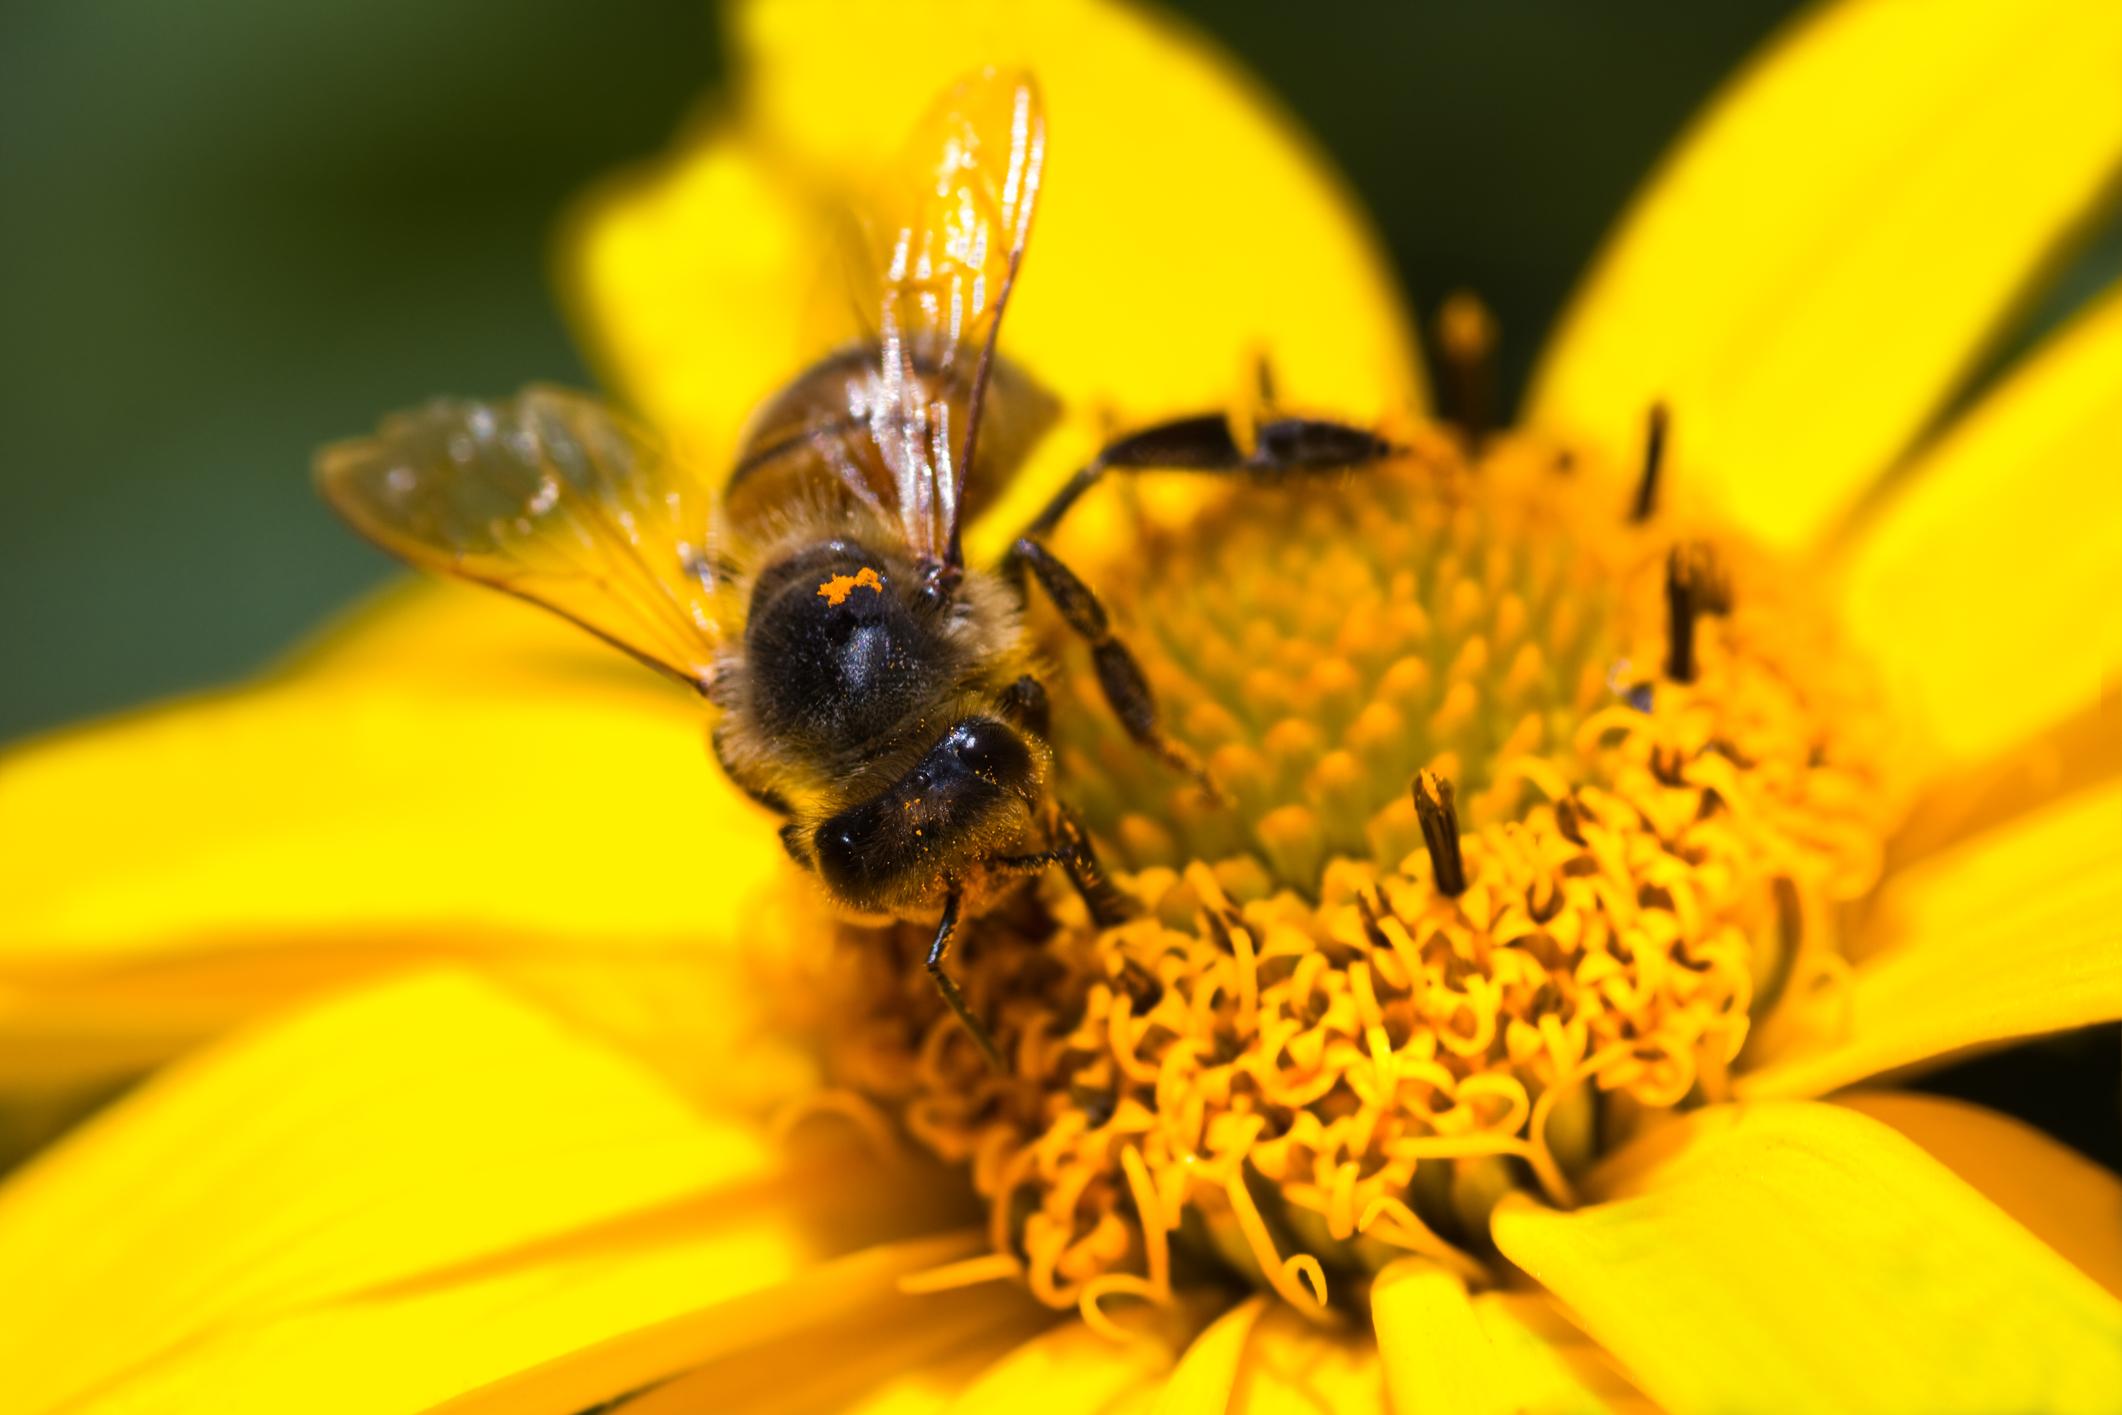 méh a péniszen